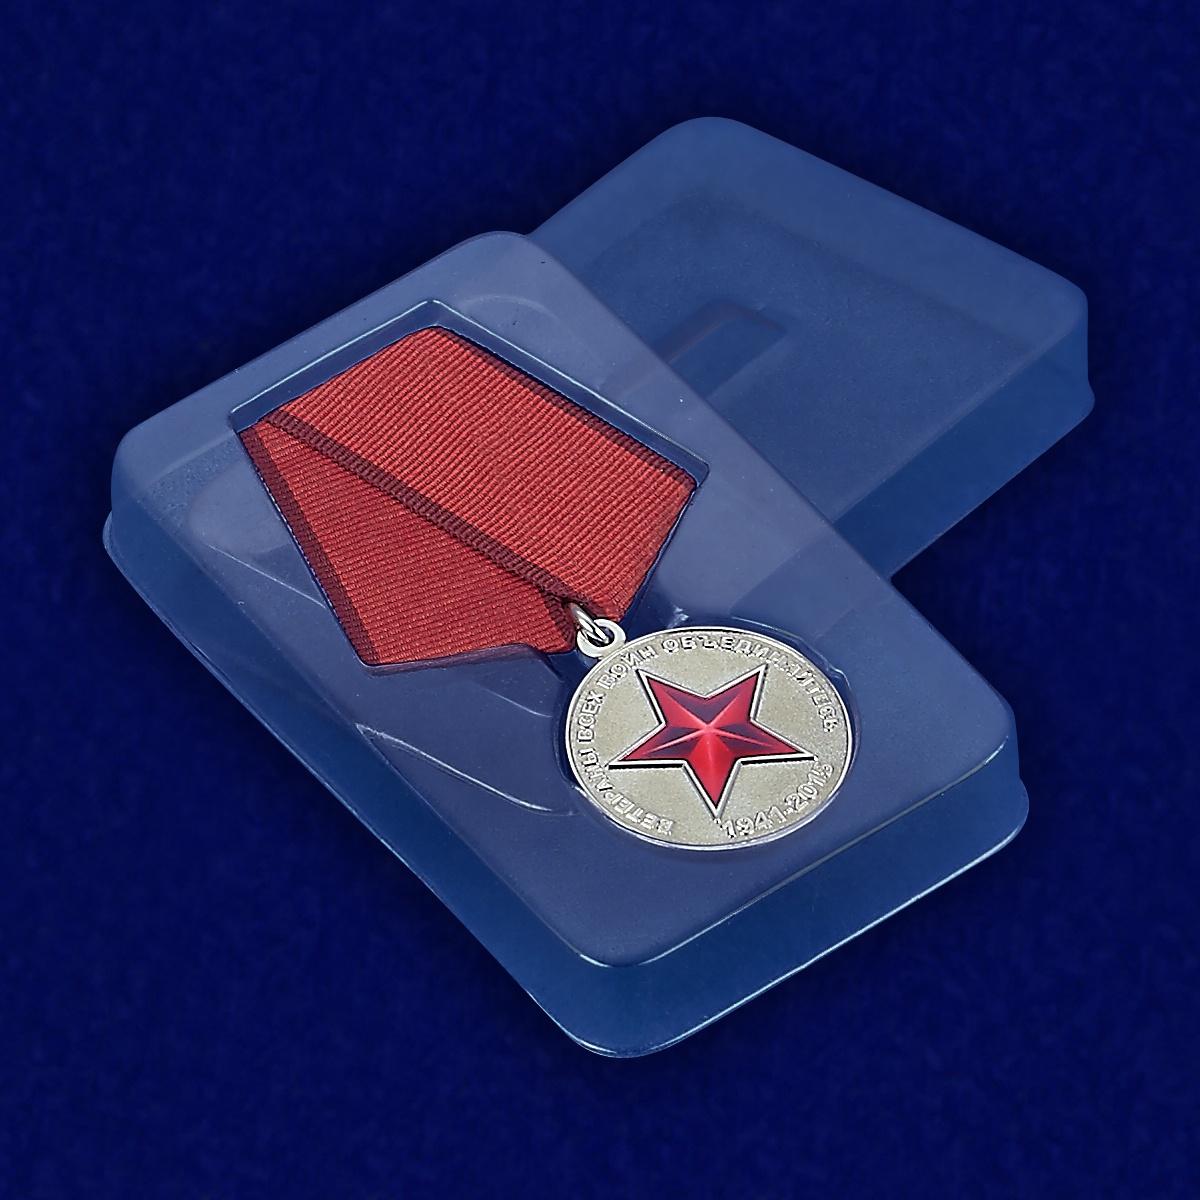 """Медаль """"Ветераны всех войн, объединяйтесь"""" - вид в футляре"""